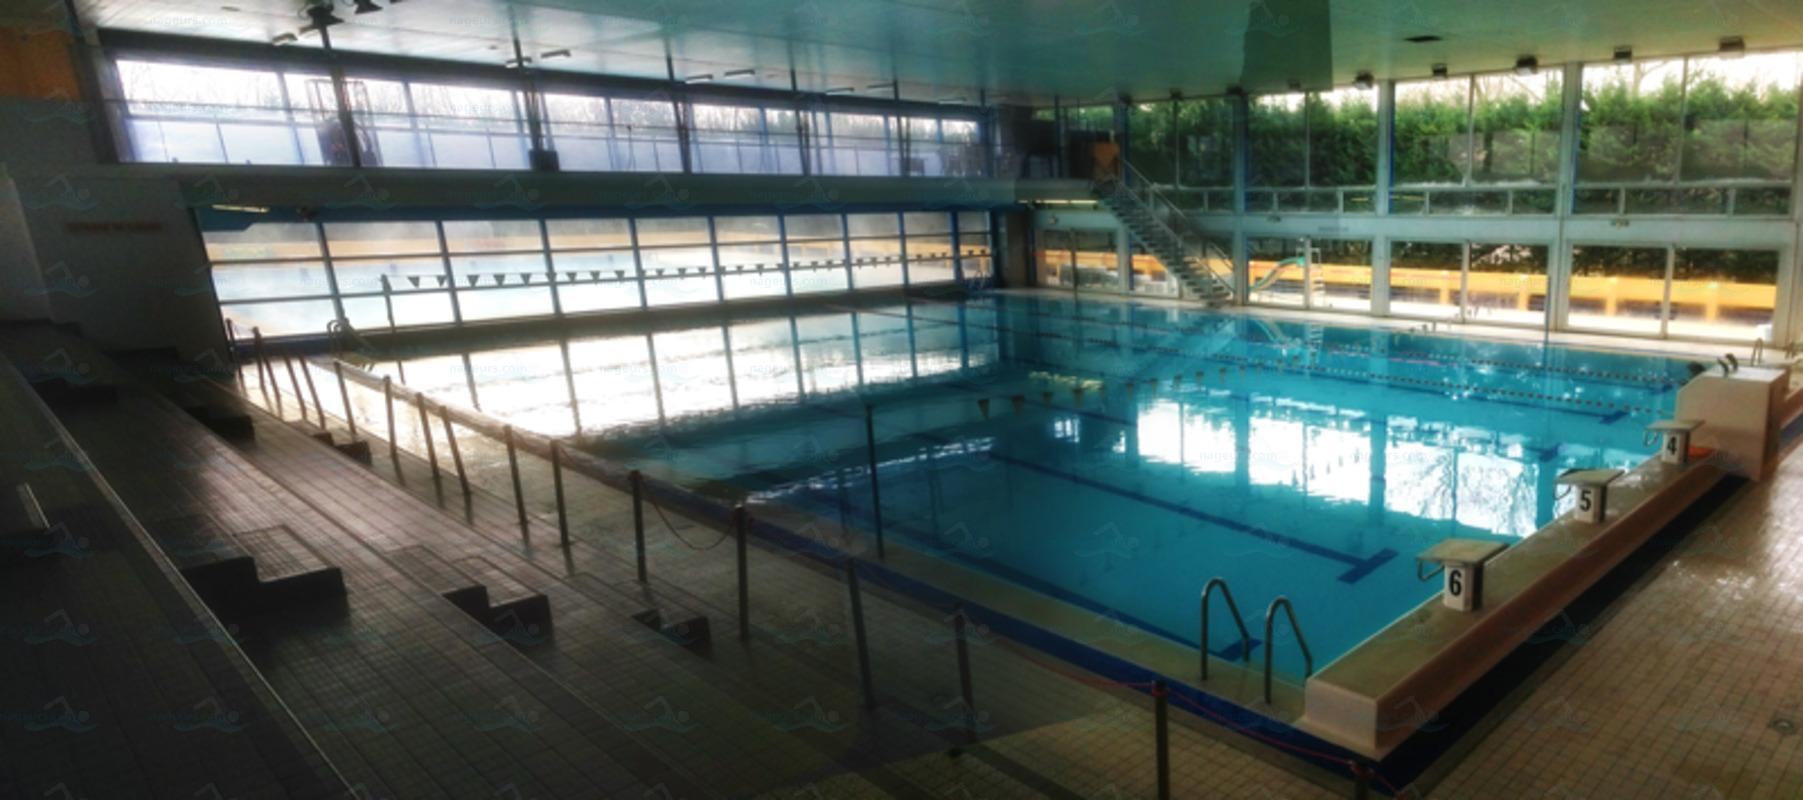 Photos piscine de villeneuve la garenne for Photos de piscine